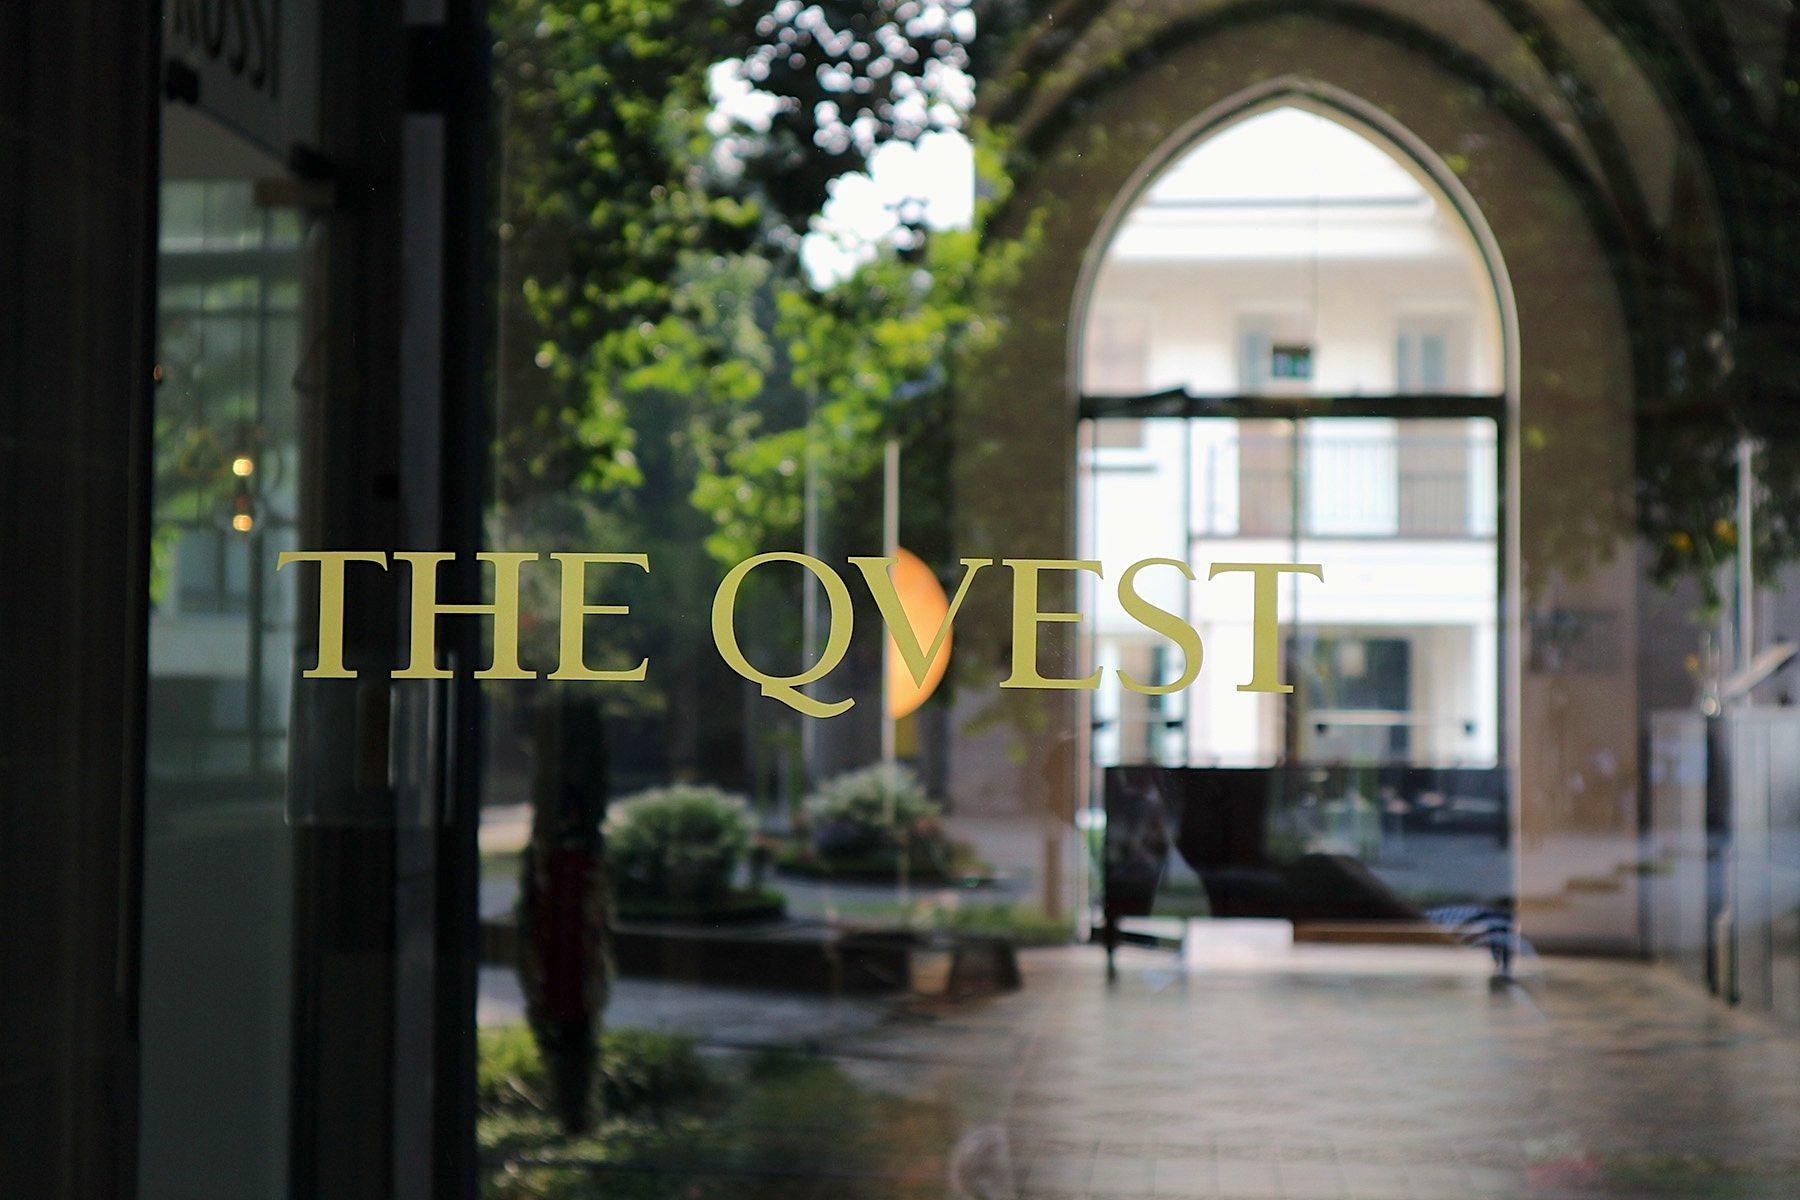 The Qvest Hotel. wurde 2014 mit 34 individuell eingerichteten Zimmer eröffnet. Qvest-Magazin und Art Direktor Michael Kaune verantwortete das Innendesign.